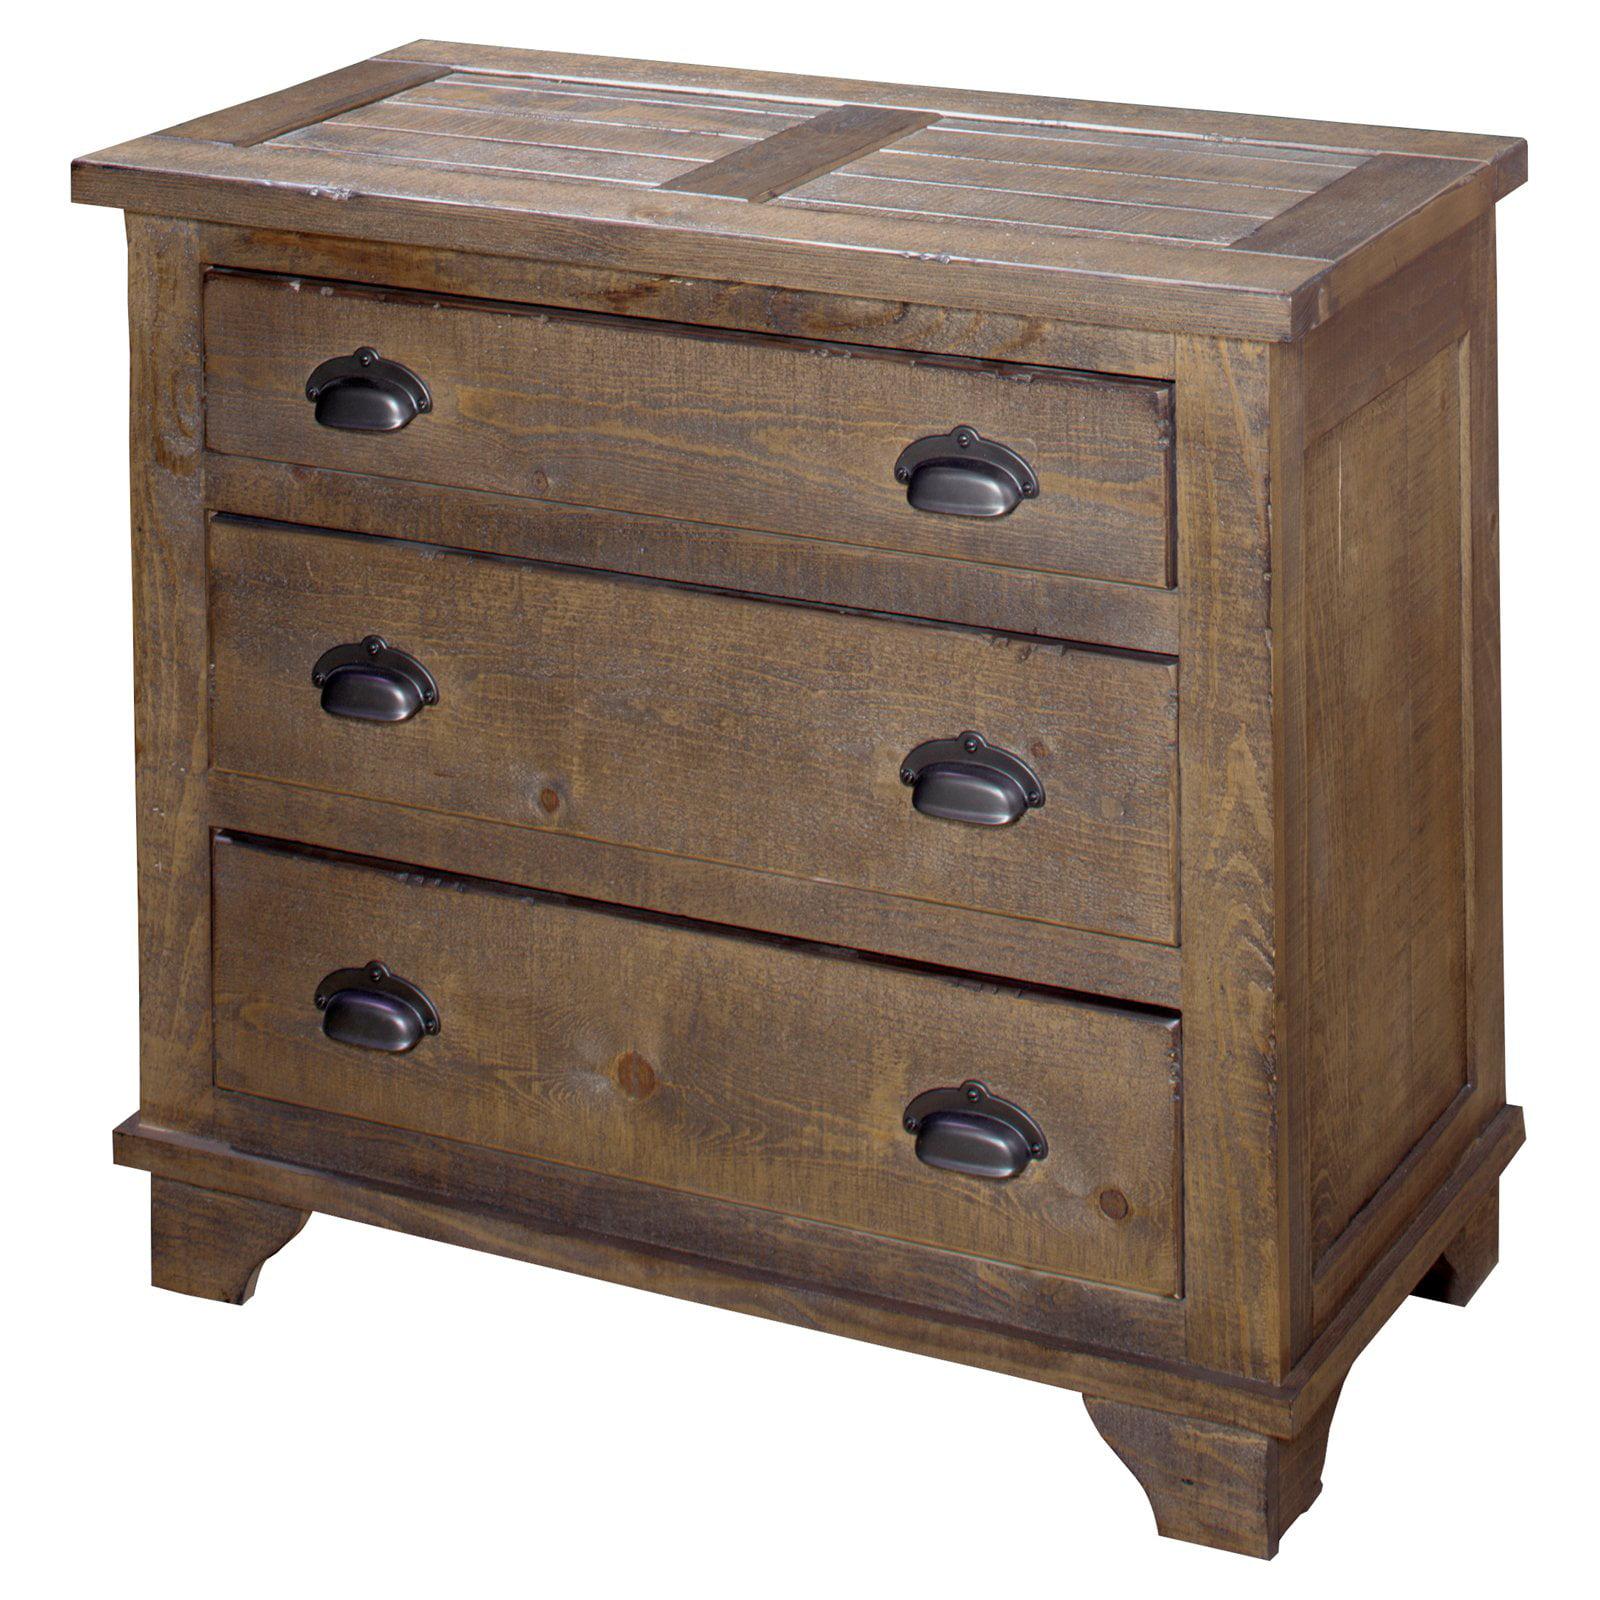 Progressive Furniture Camryn Decorative Chest